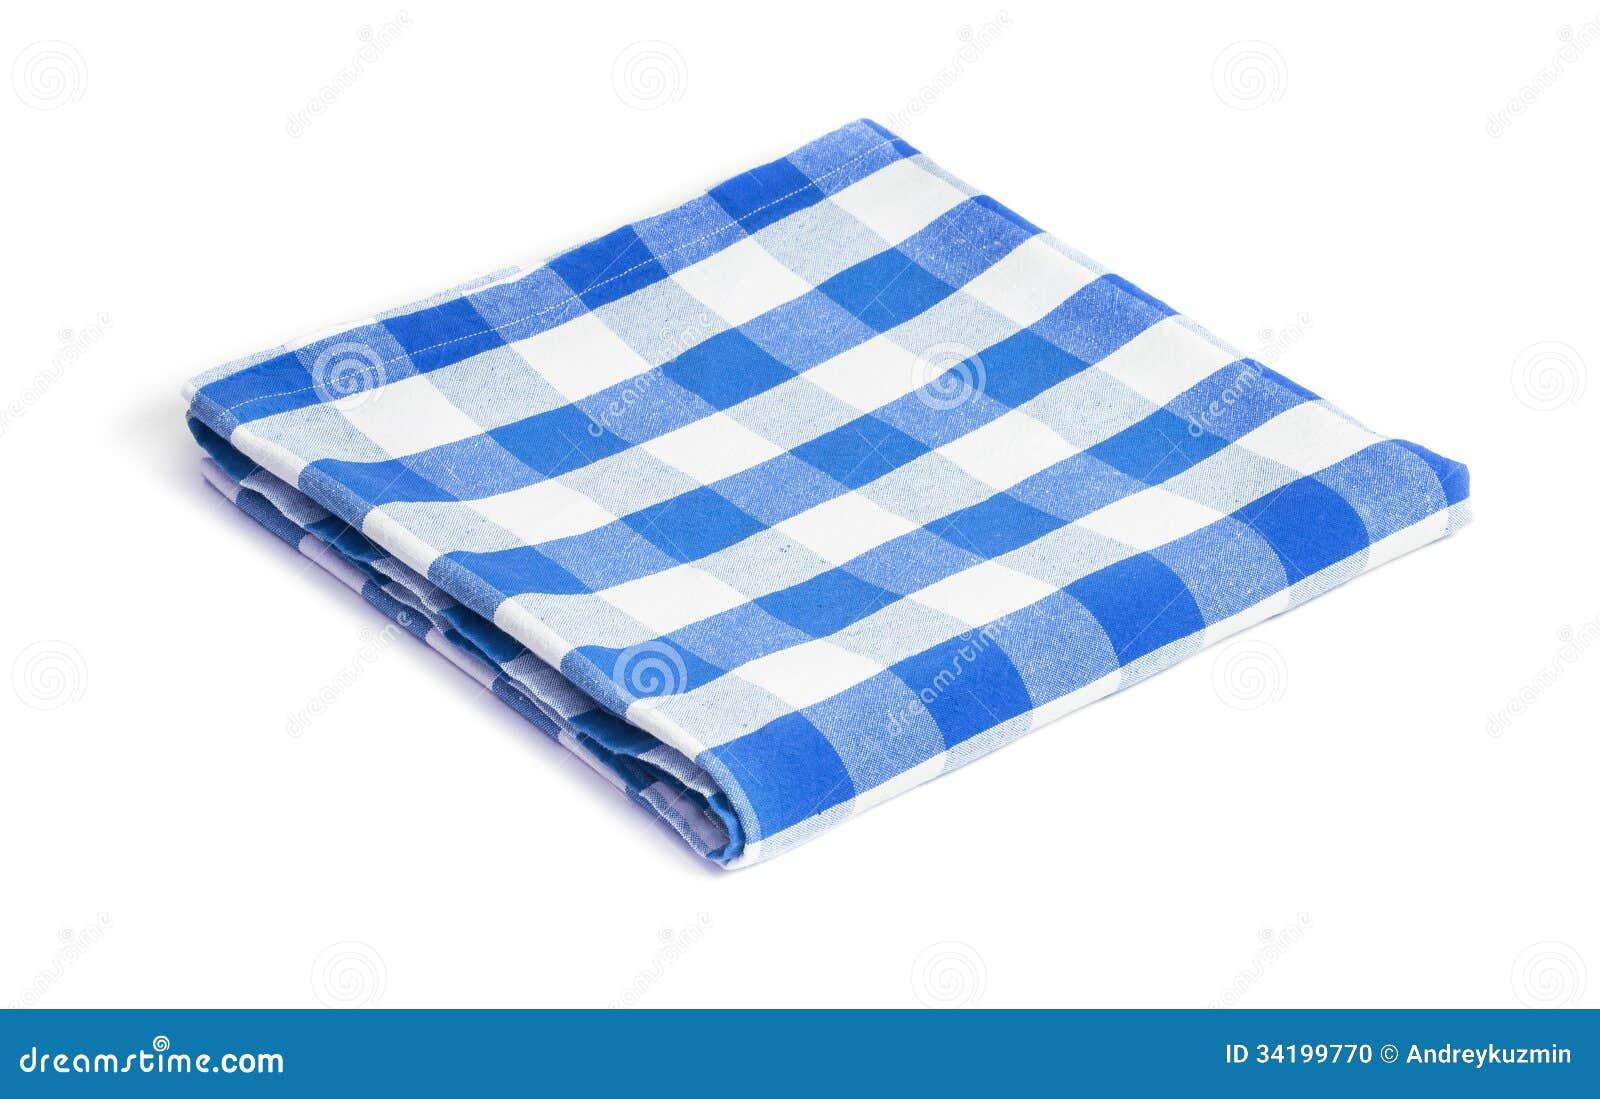 Mantel Doblado Azul Aislado Foto de archivo